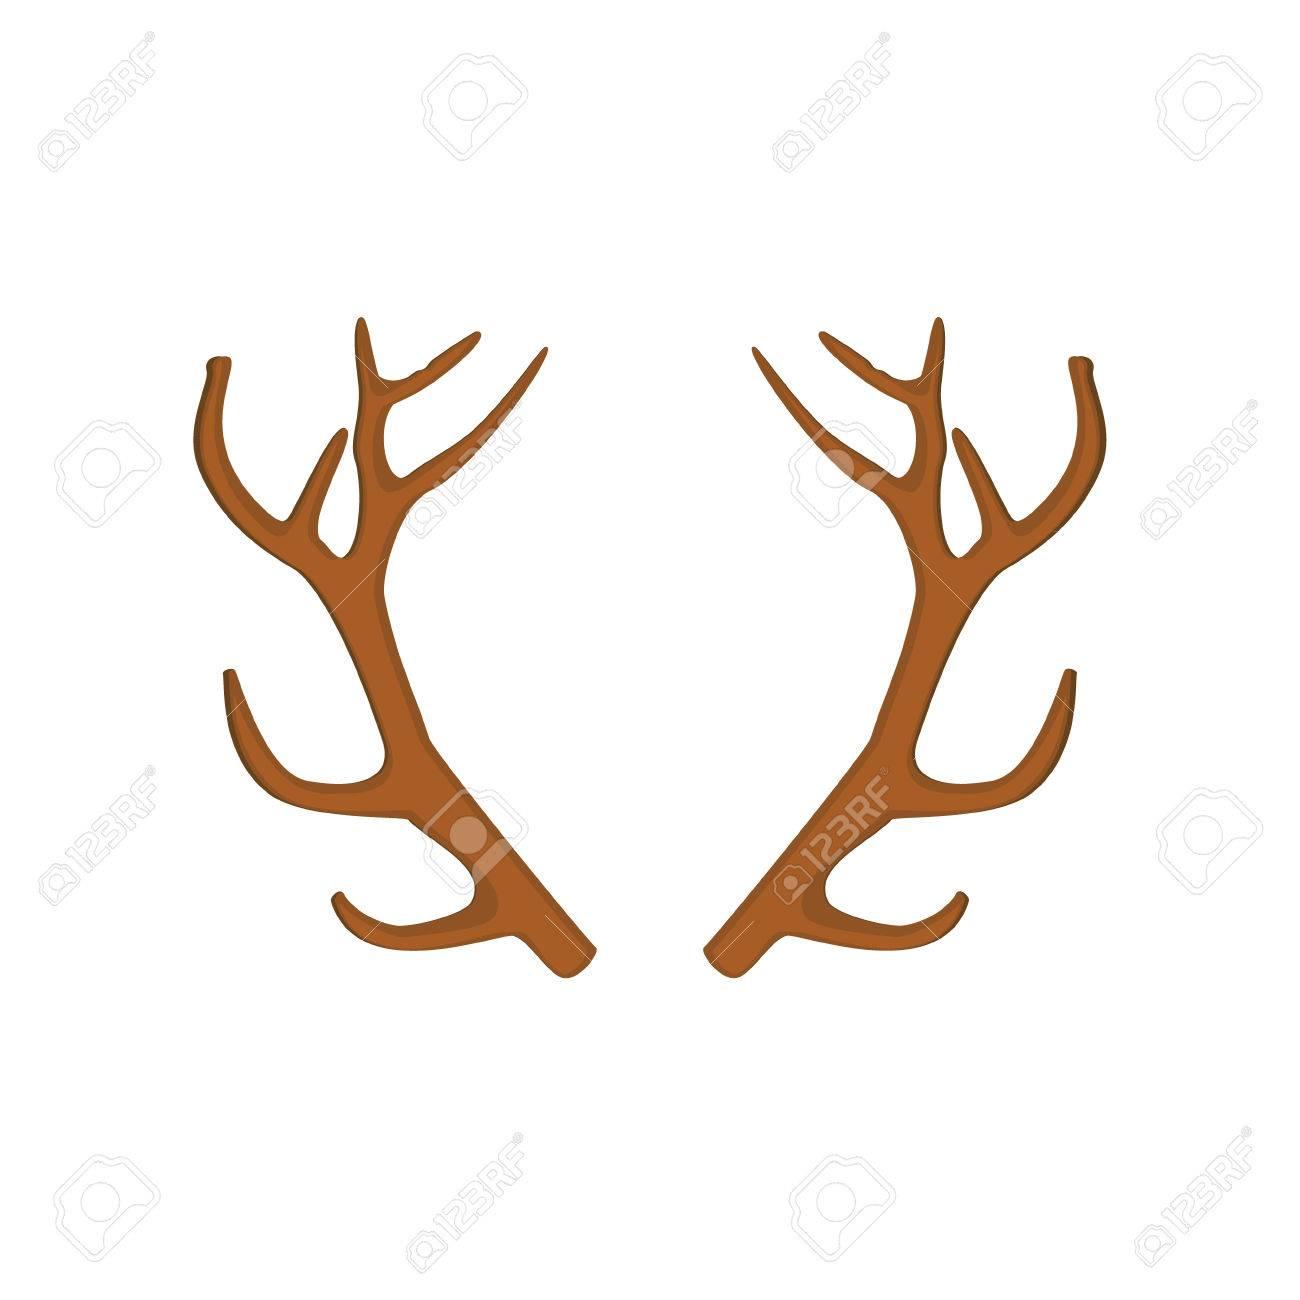 Raster Illustration Of Deer, Antler Horns. Animal Horn Stock Photo ...